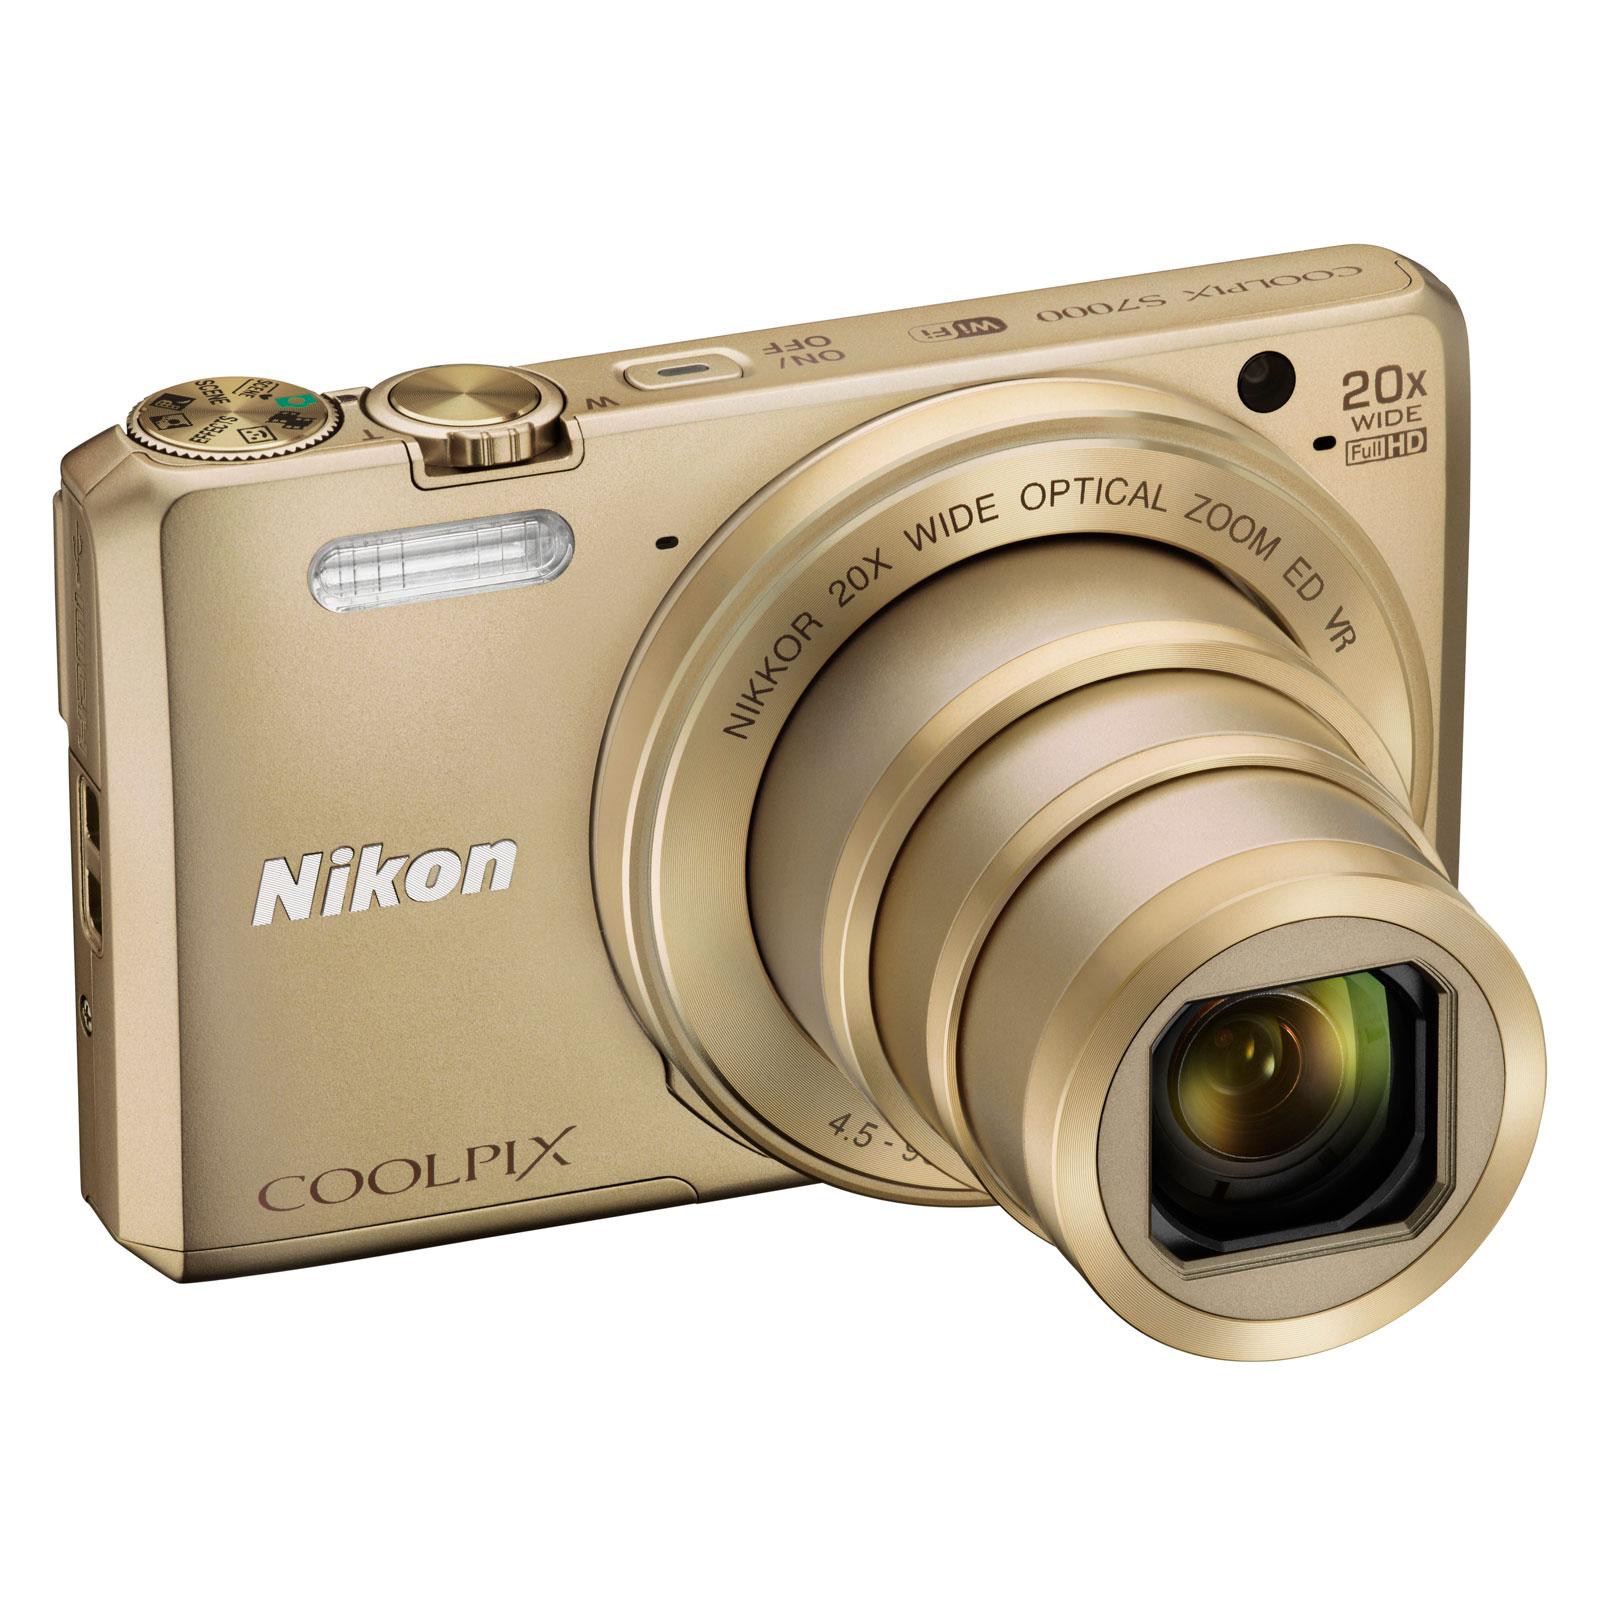 appareil photo léger et performant